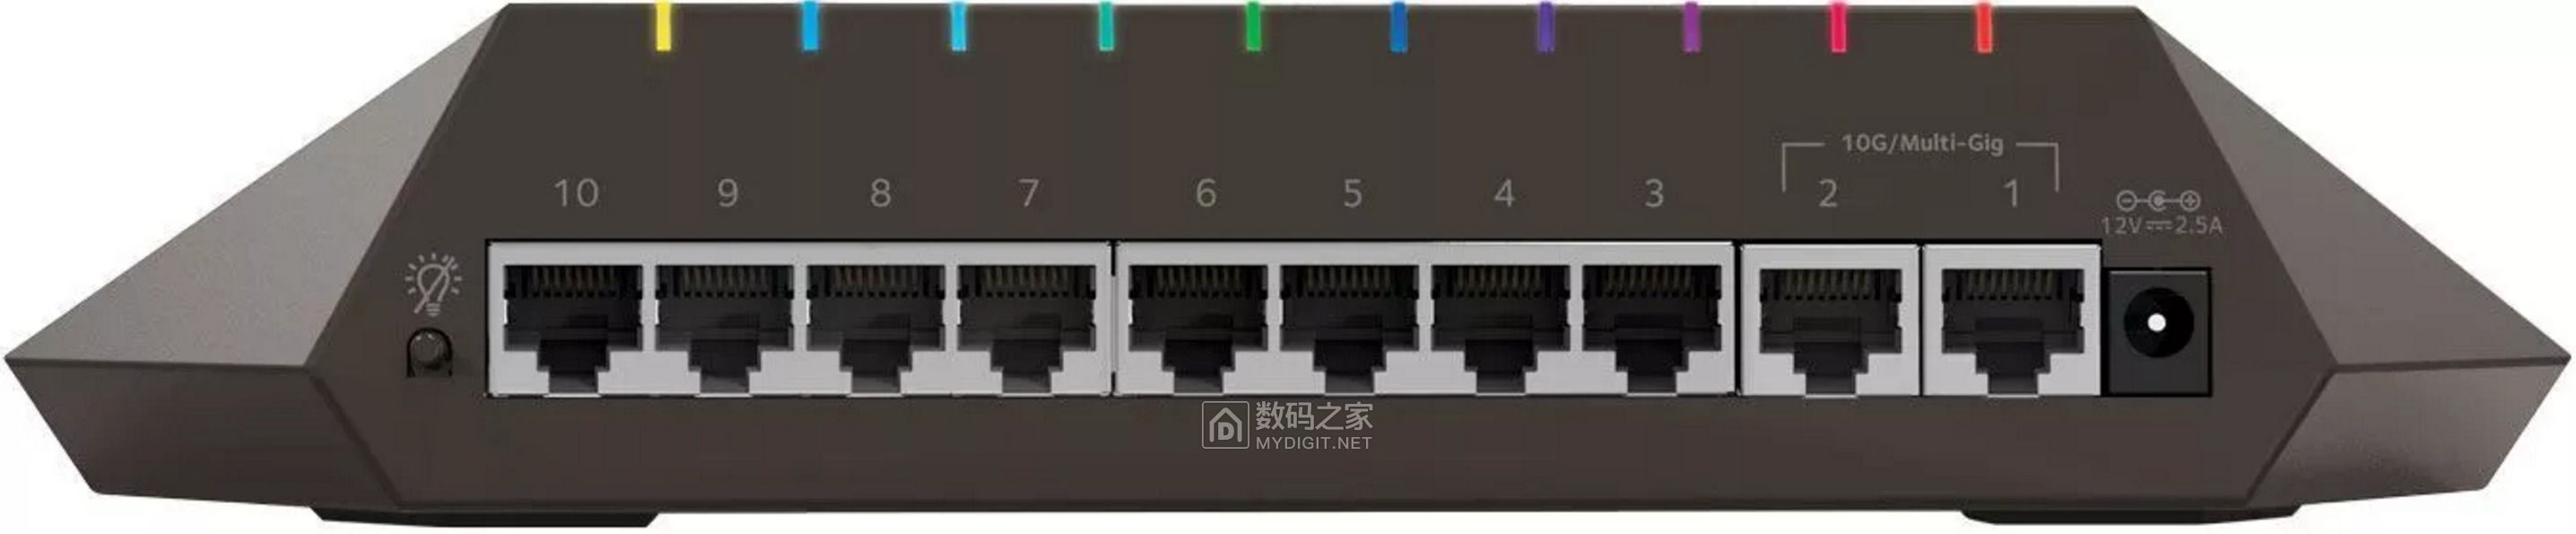 """主动防御倍加安心 网件XR500/GS810EMX""""防黑""""电竞路由/交换机"""